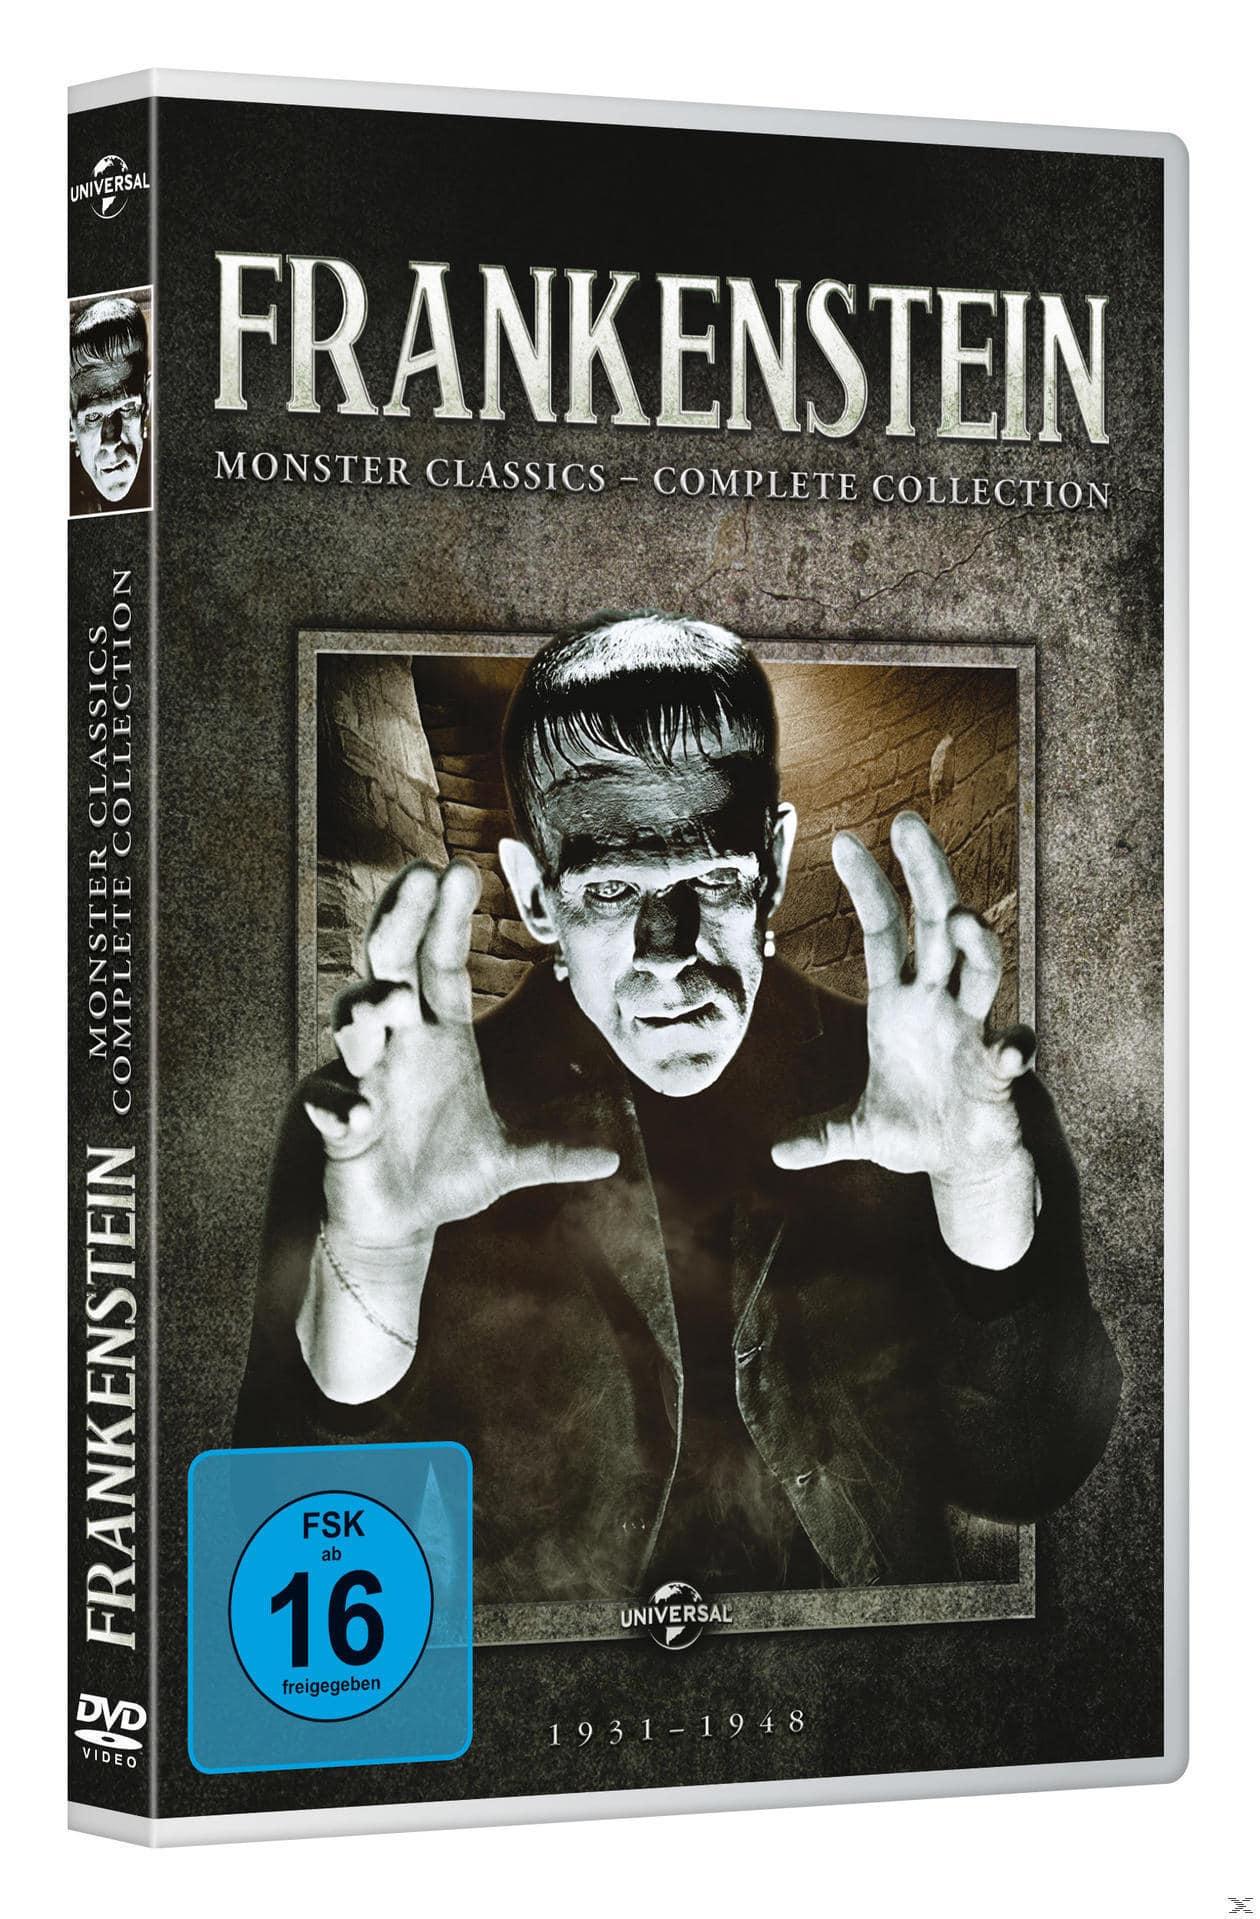 Frankenstein: Monster Classics - Complete Collection DVD-Box (DVD) für 24,99 Euro